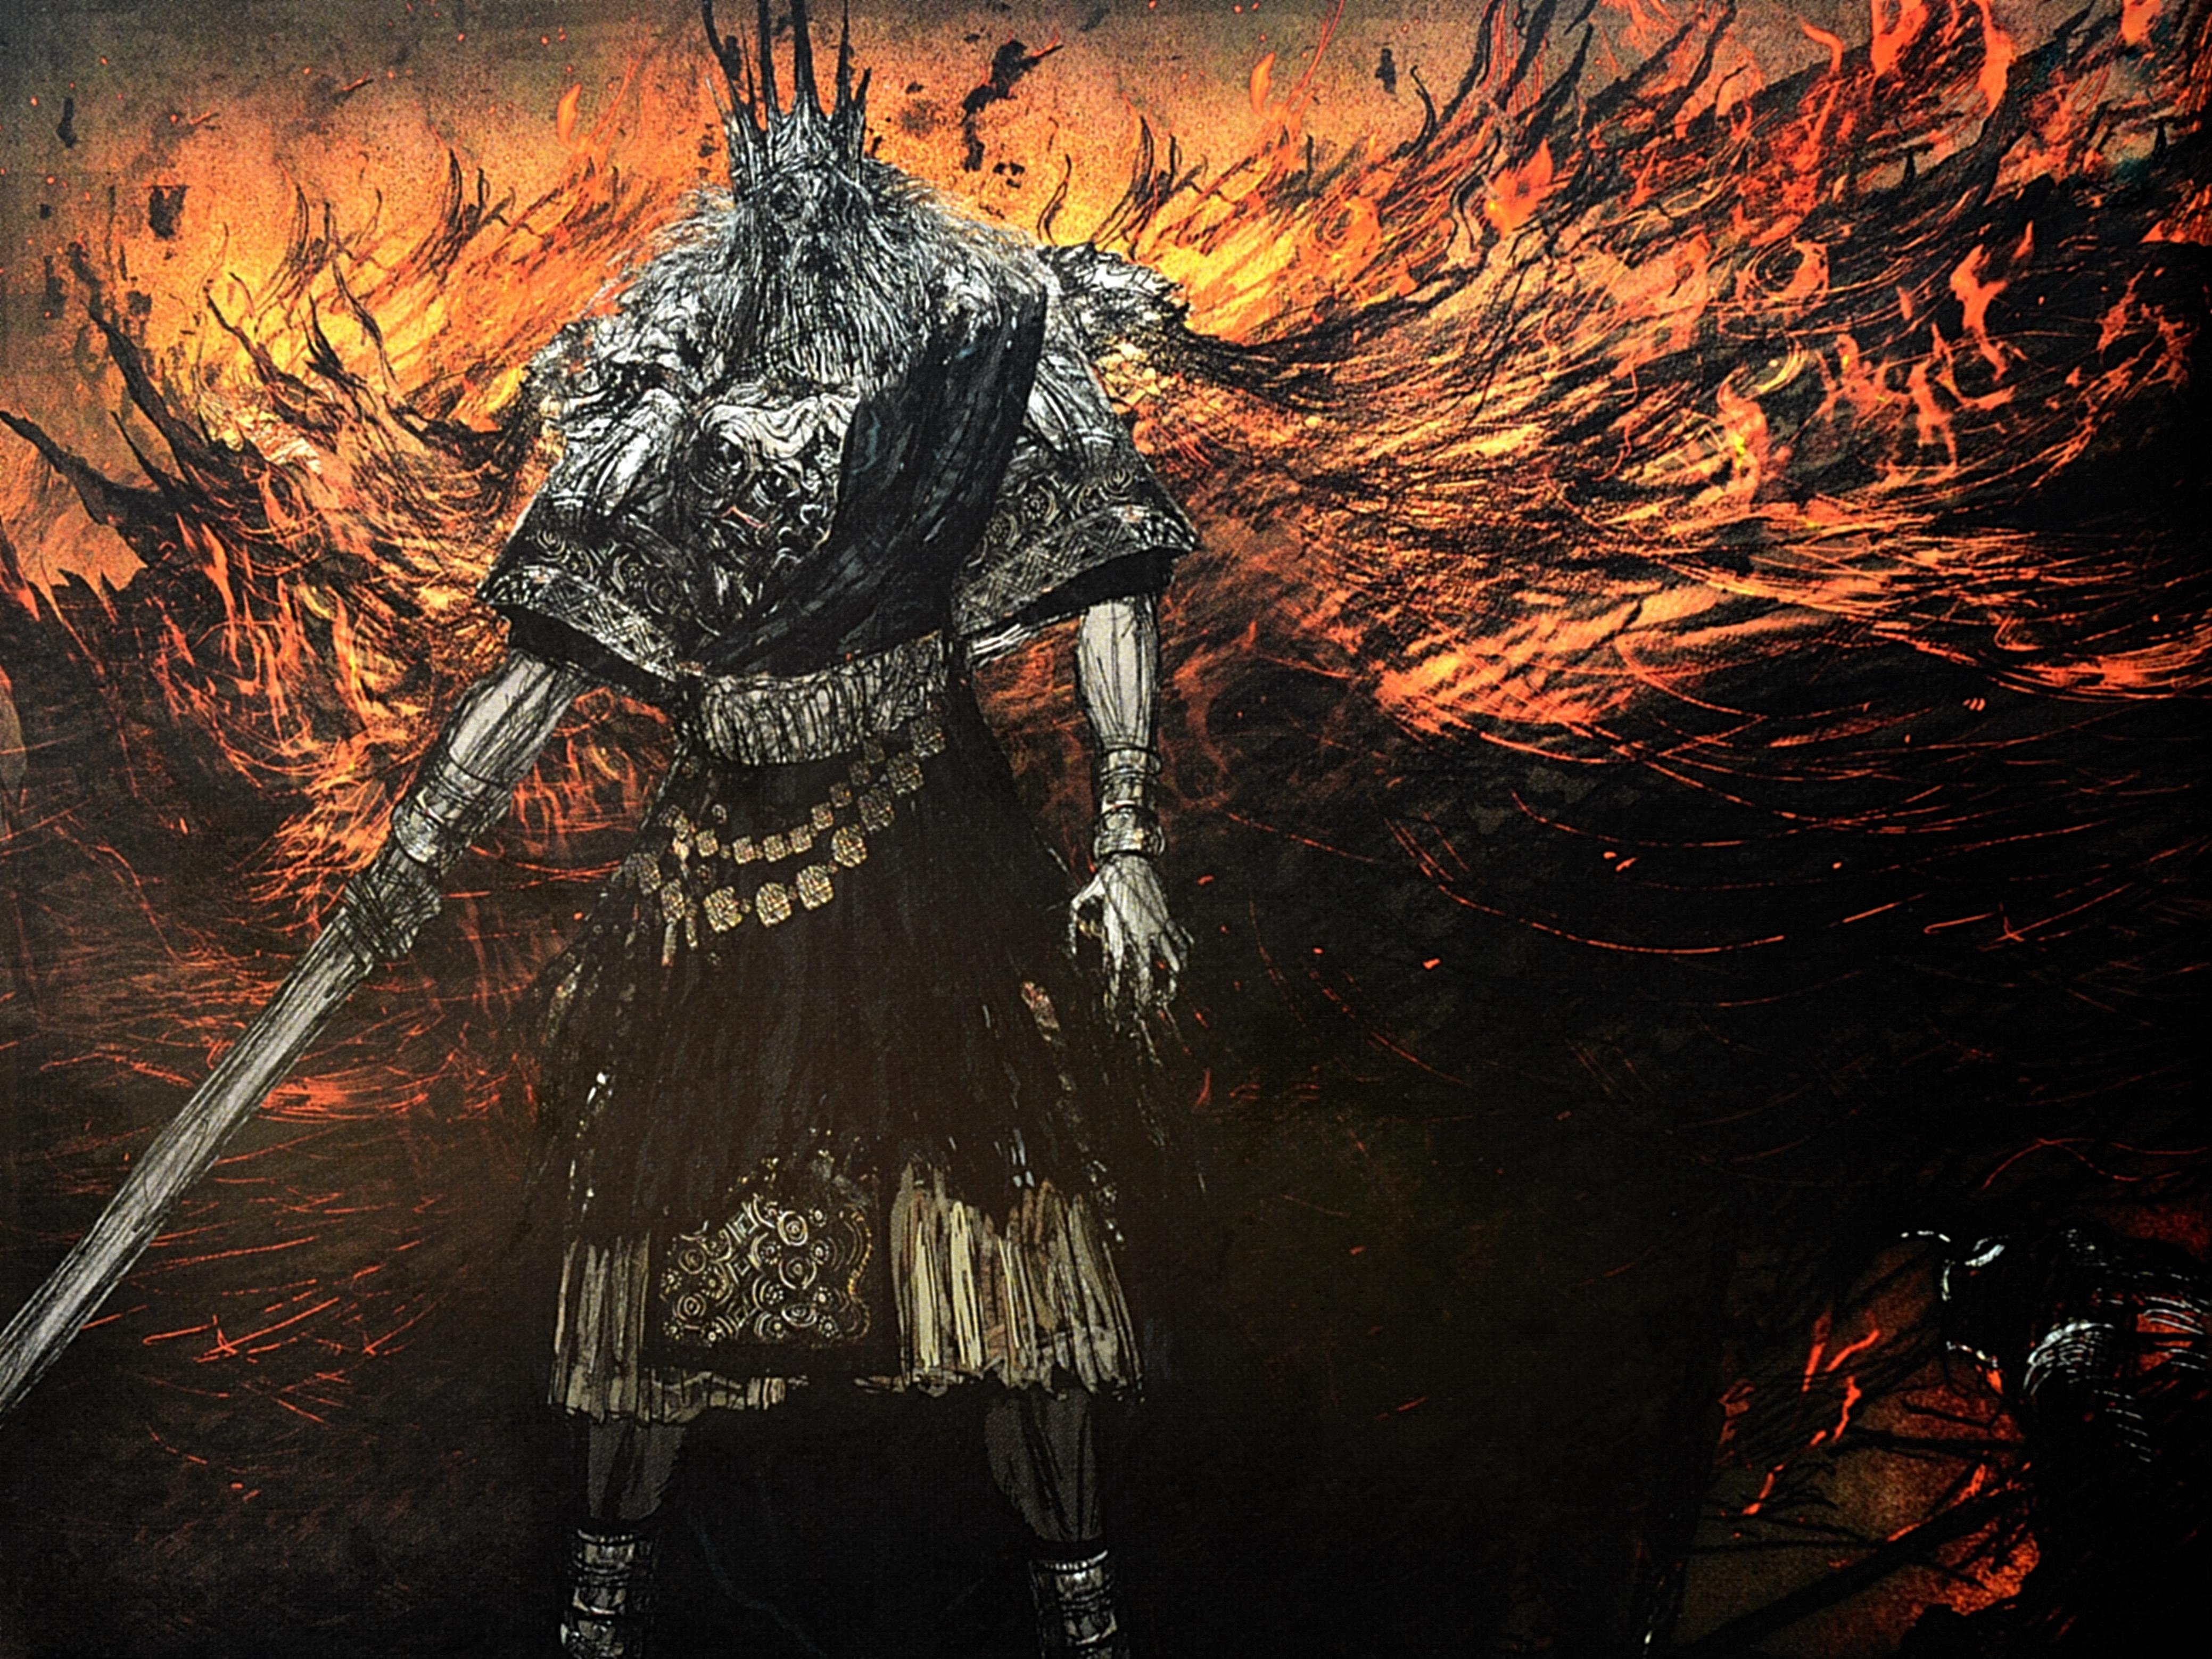 gwyn lord of cinder dark souls wiki